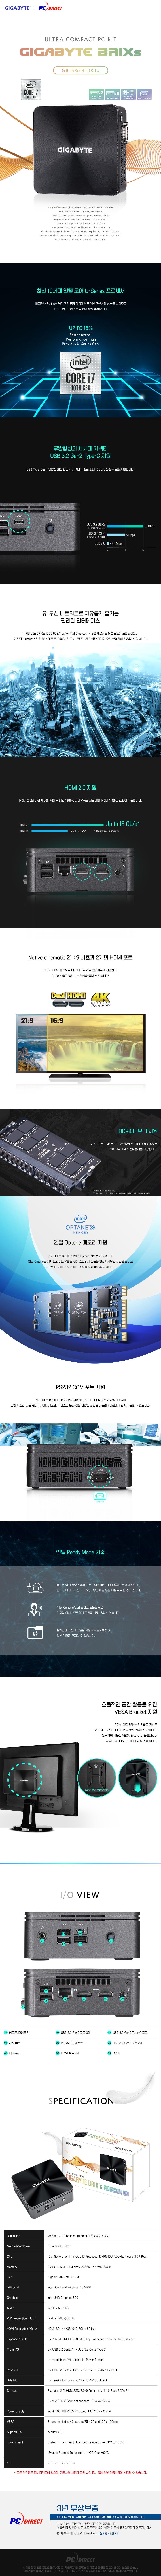 GIGABYTE BRIX GB-BRi7H-10510 SSD 피씨디렉트 (4GB, SSD 256GB)